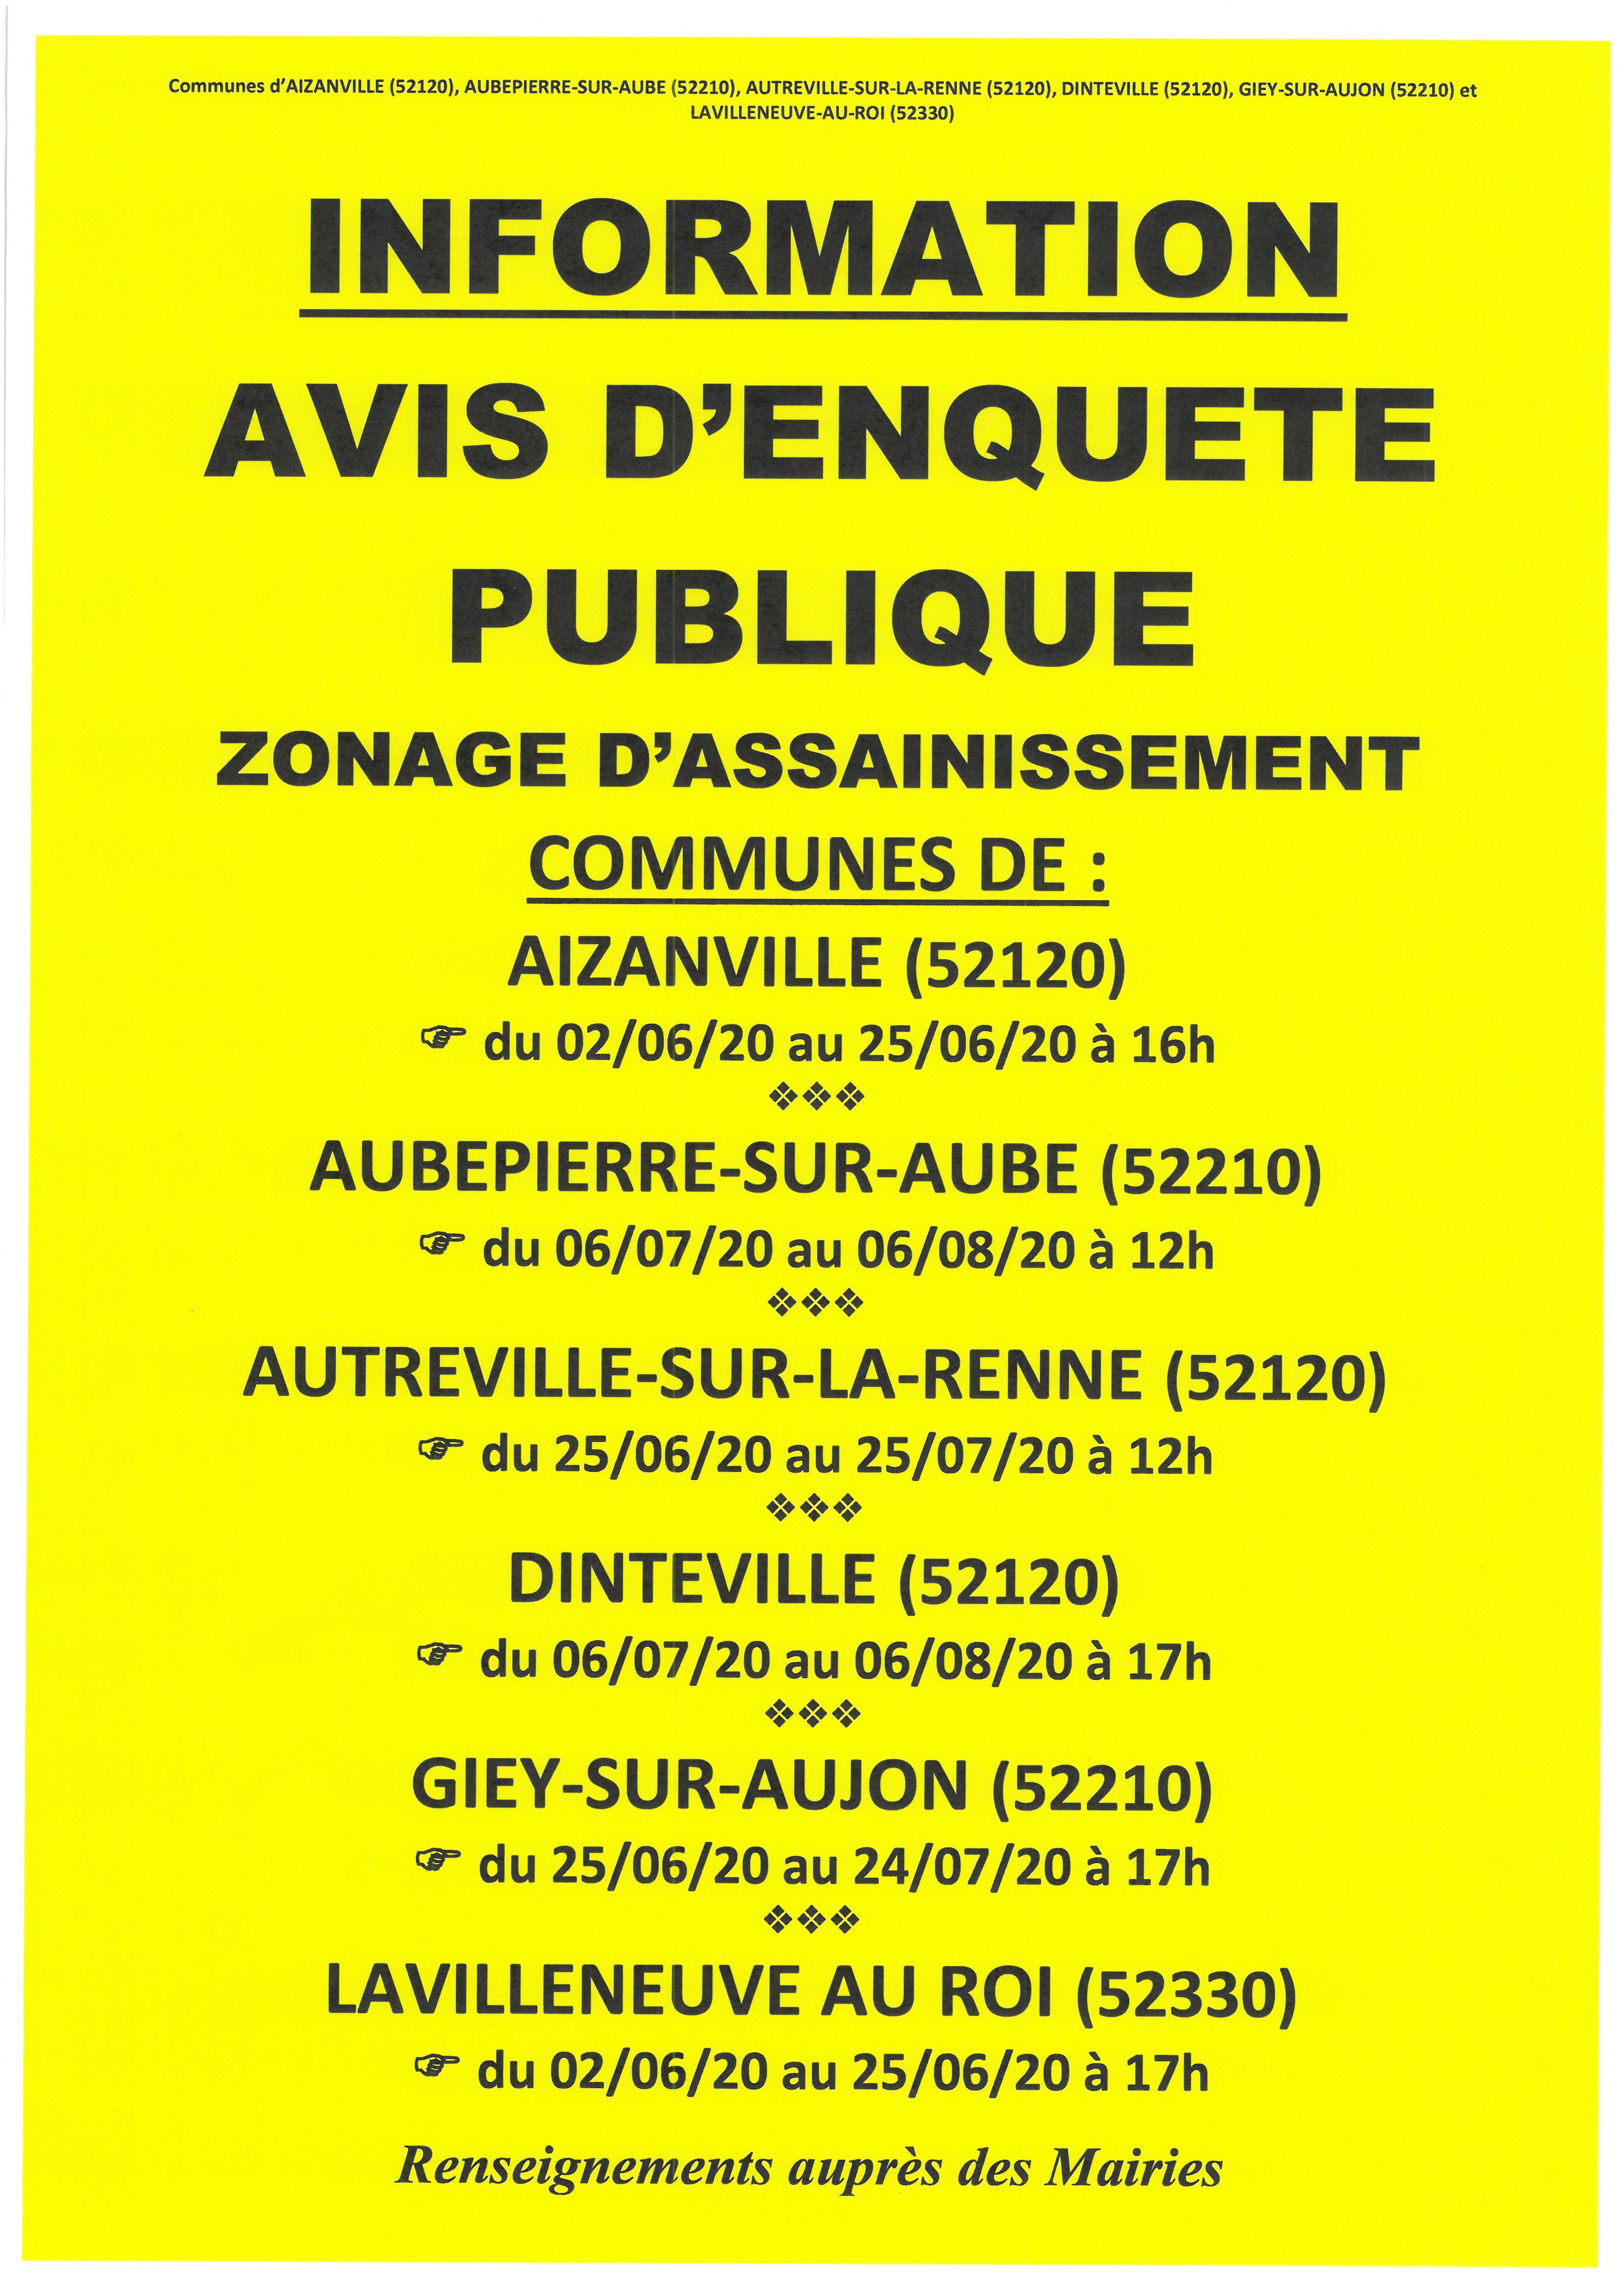 INFORMATION – AVIS D'ENQUÊTE PUBLIQUE – ZONAGE D'ASSAINISSEMENT